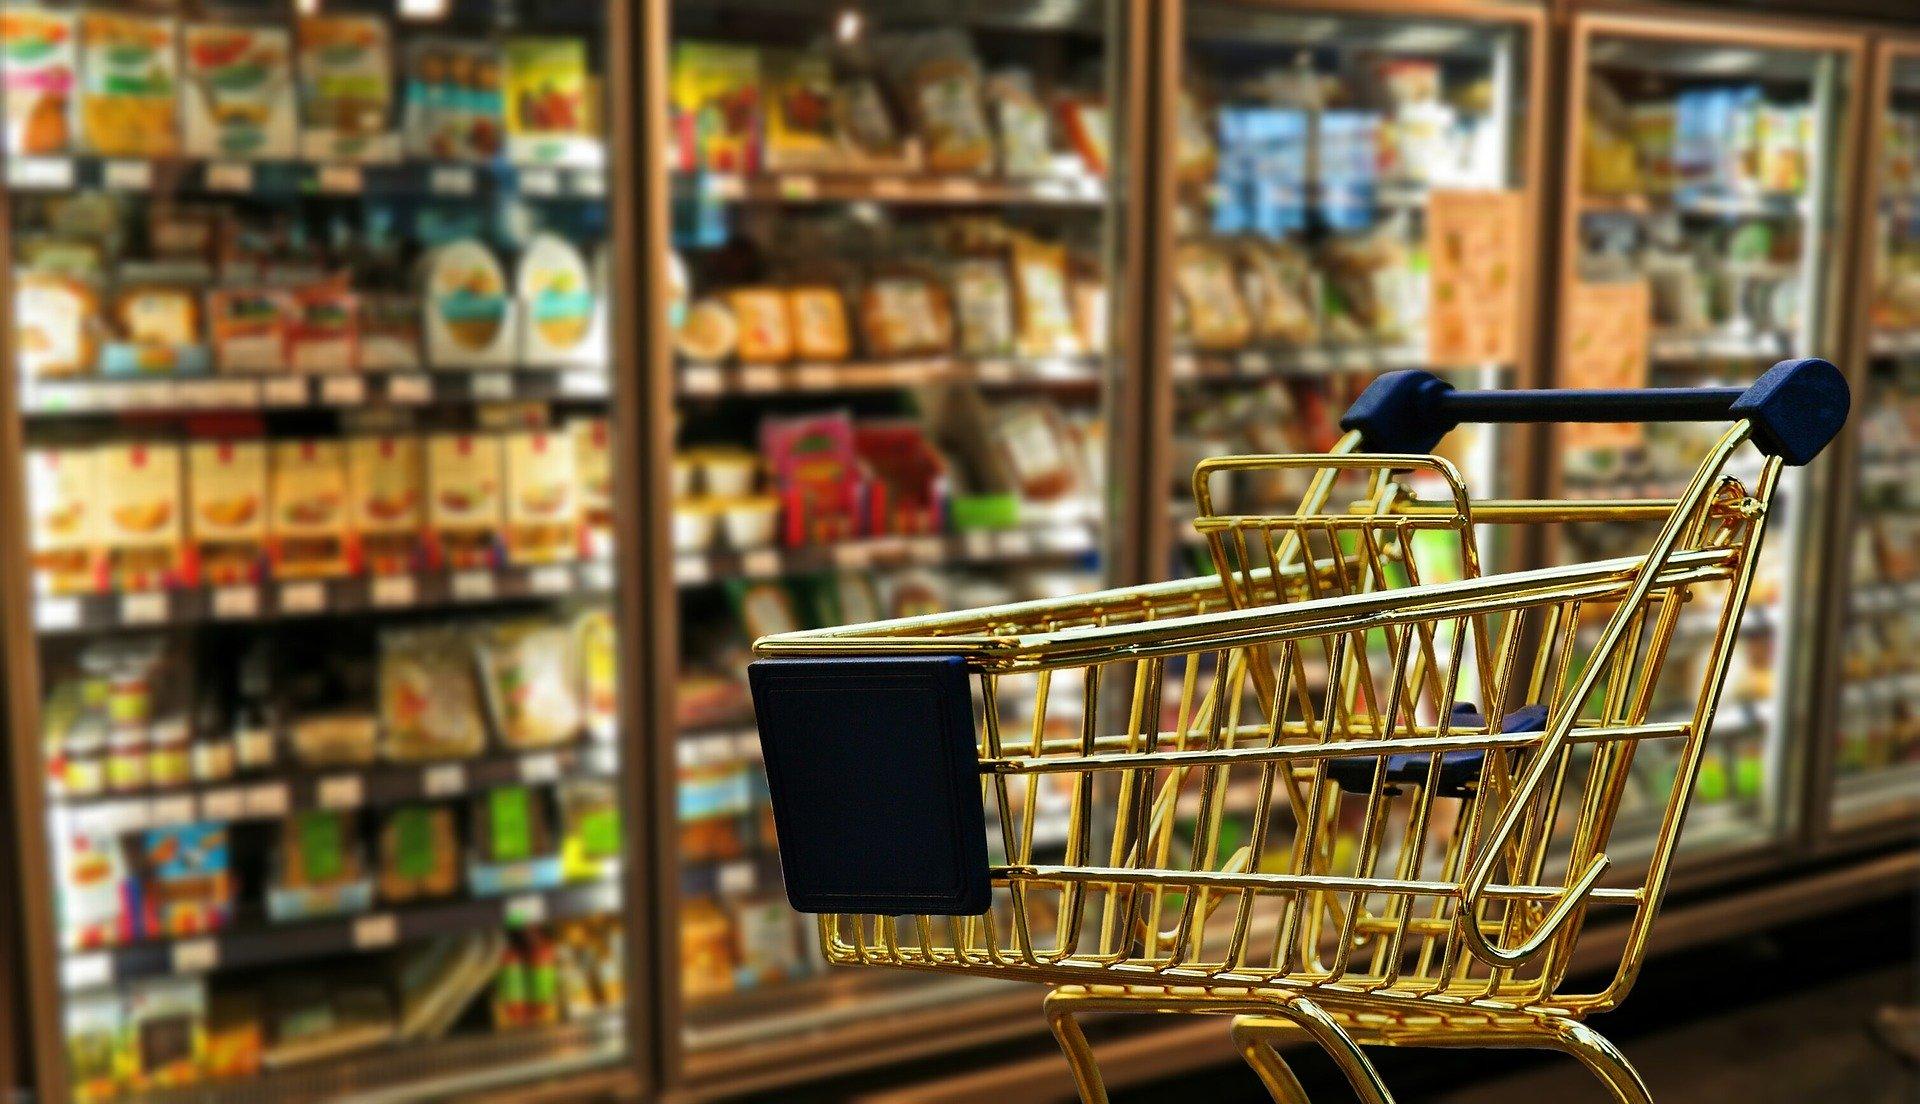 Nie powinniśmy wychodzić z domów, ale jeść musimy. Jak bezpiecznie robić zakupy w czasie epidemii?